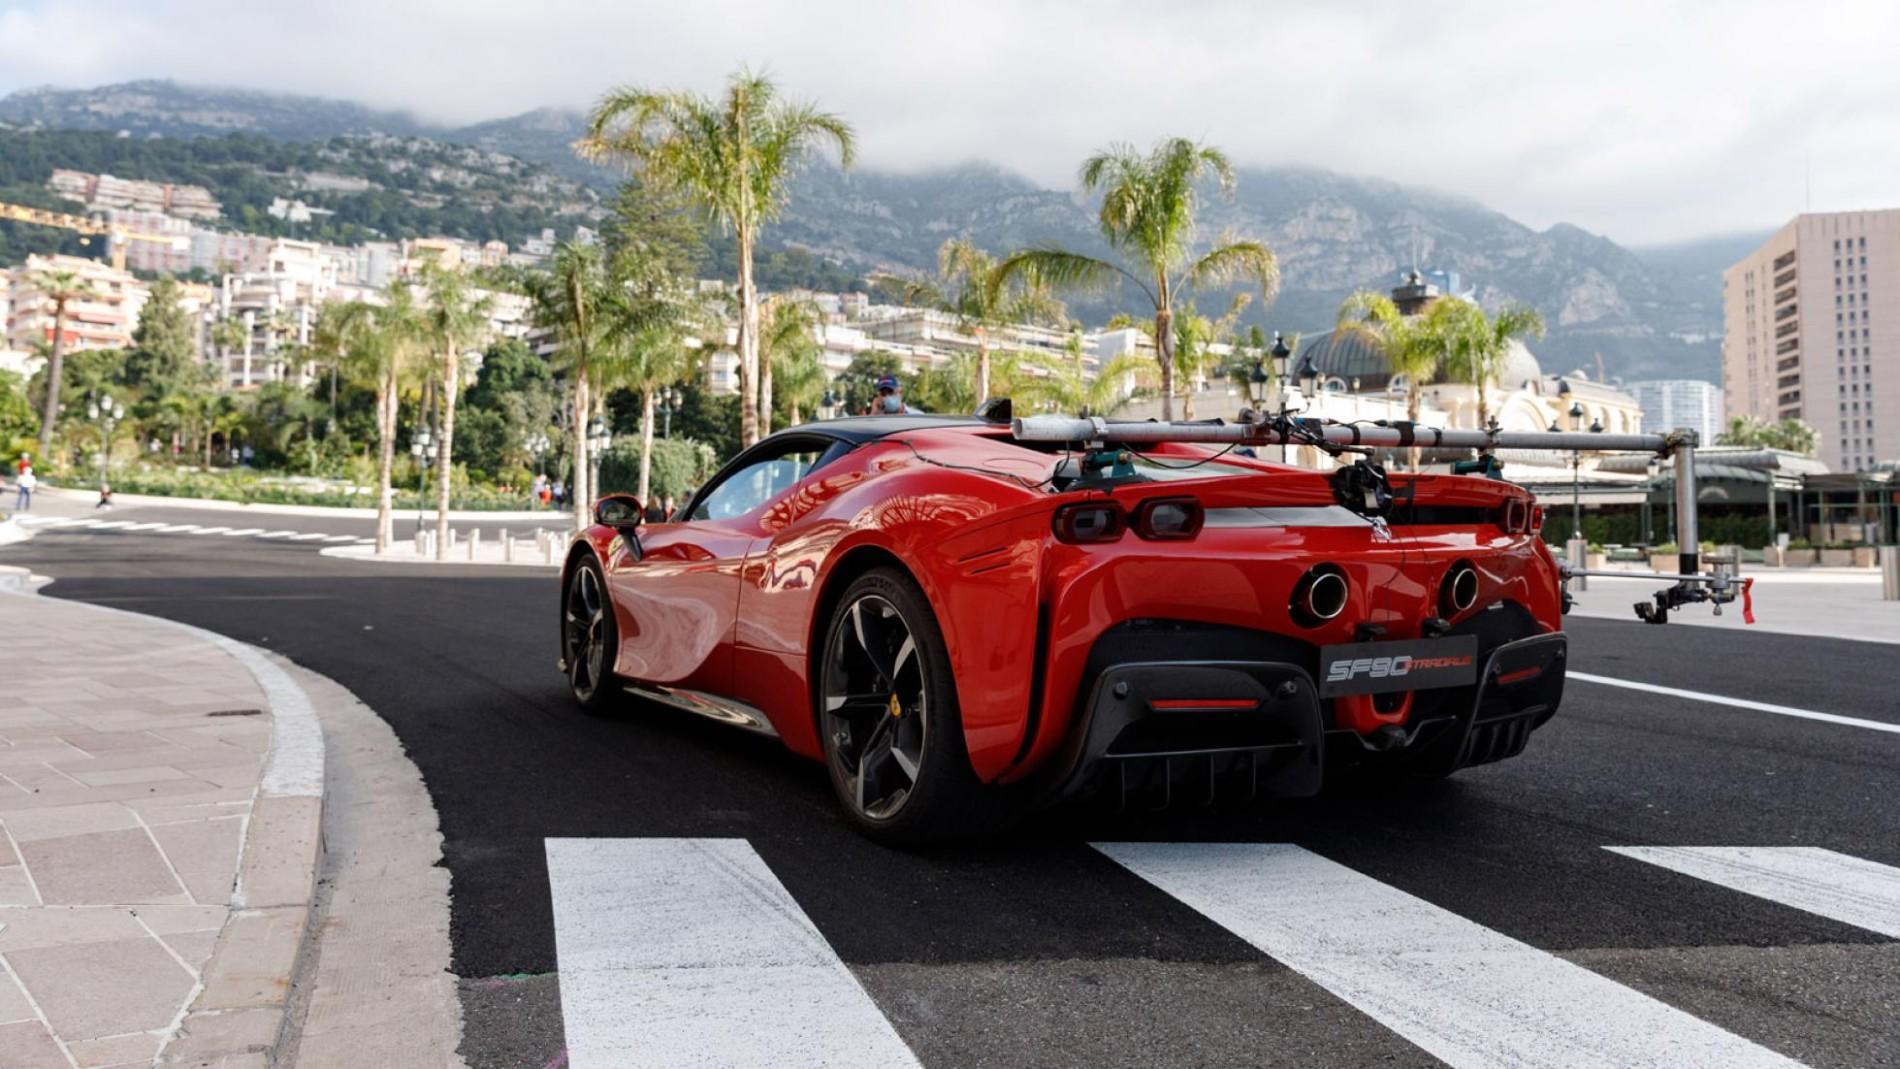 Le Grand Rendez-Vous cu Ferrari SF90 Stradale - Le Grand Rendez-Vous cu Ferrari SF90 Stradale